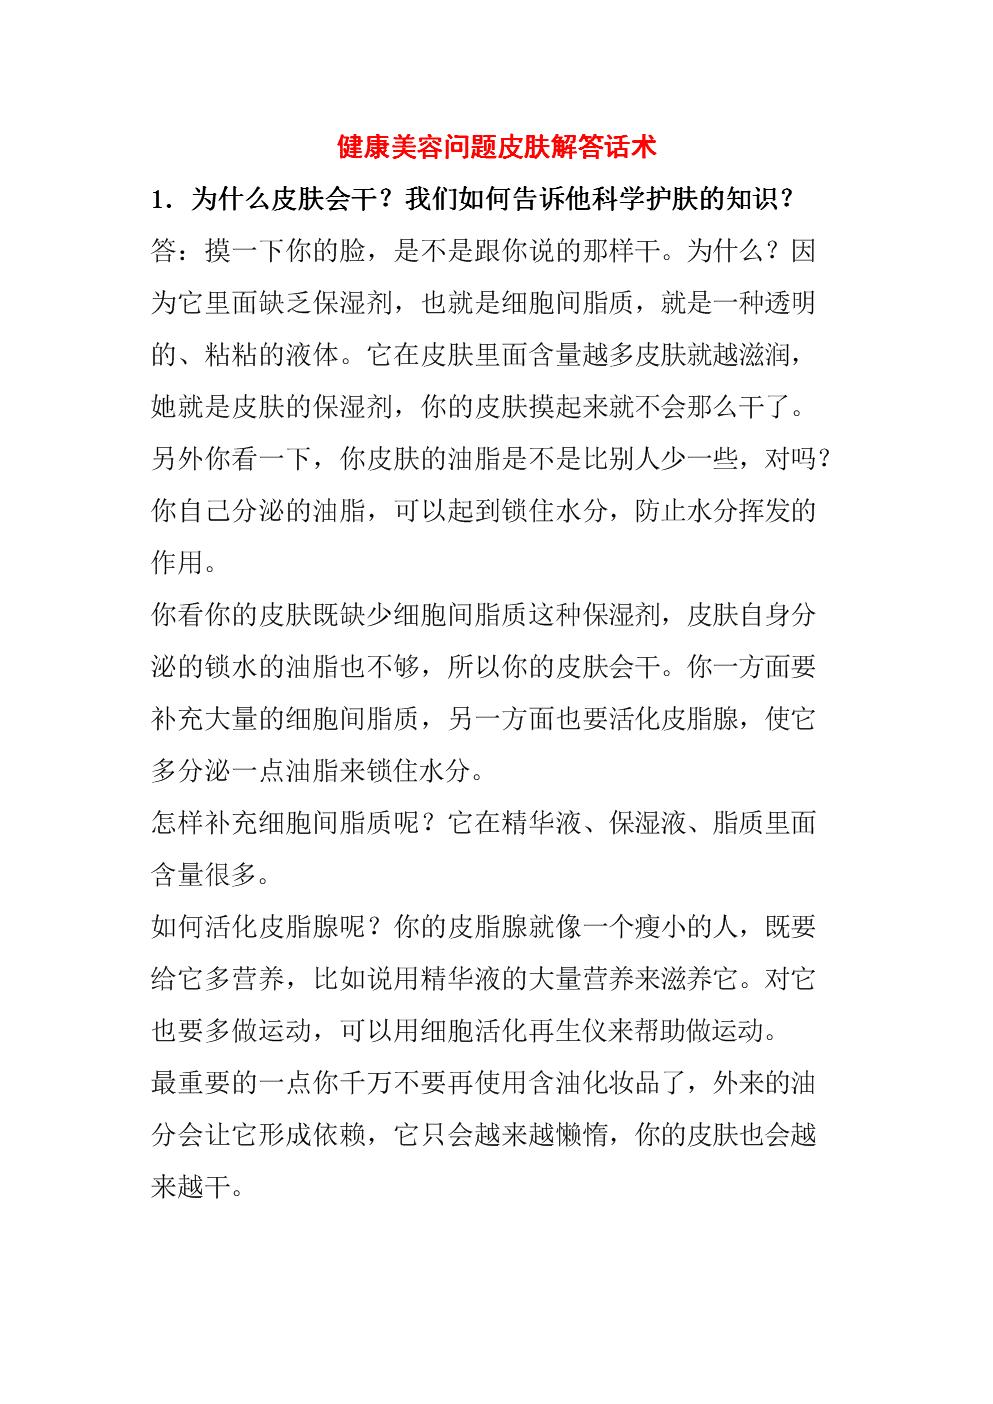 健康美容问题皮肤解答话术.docx